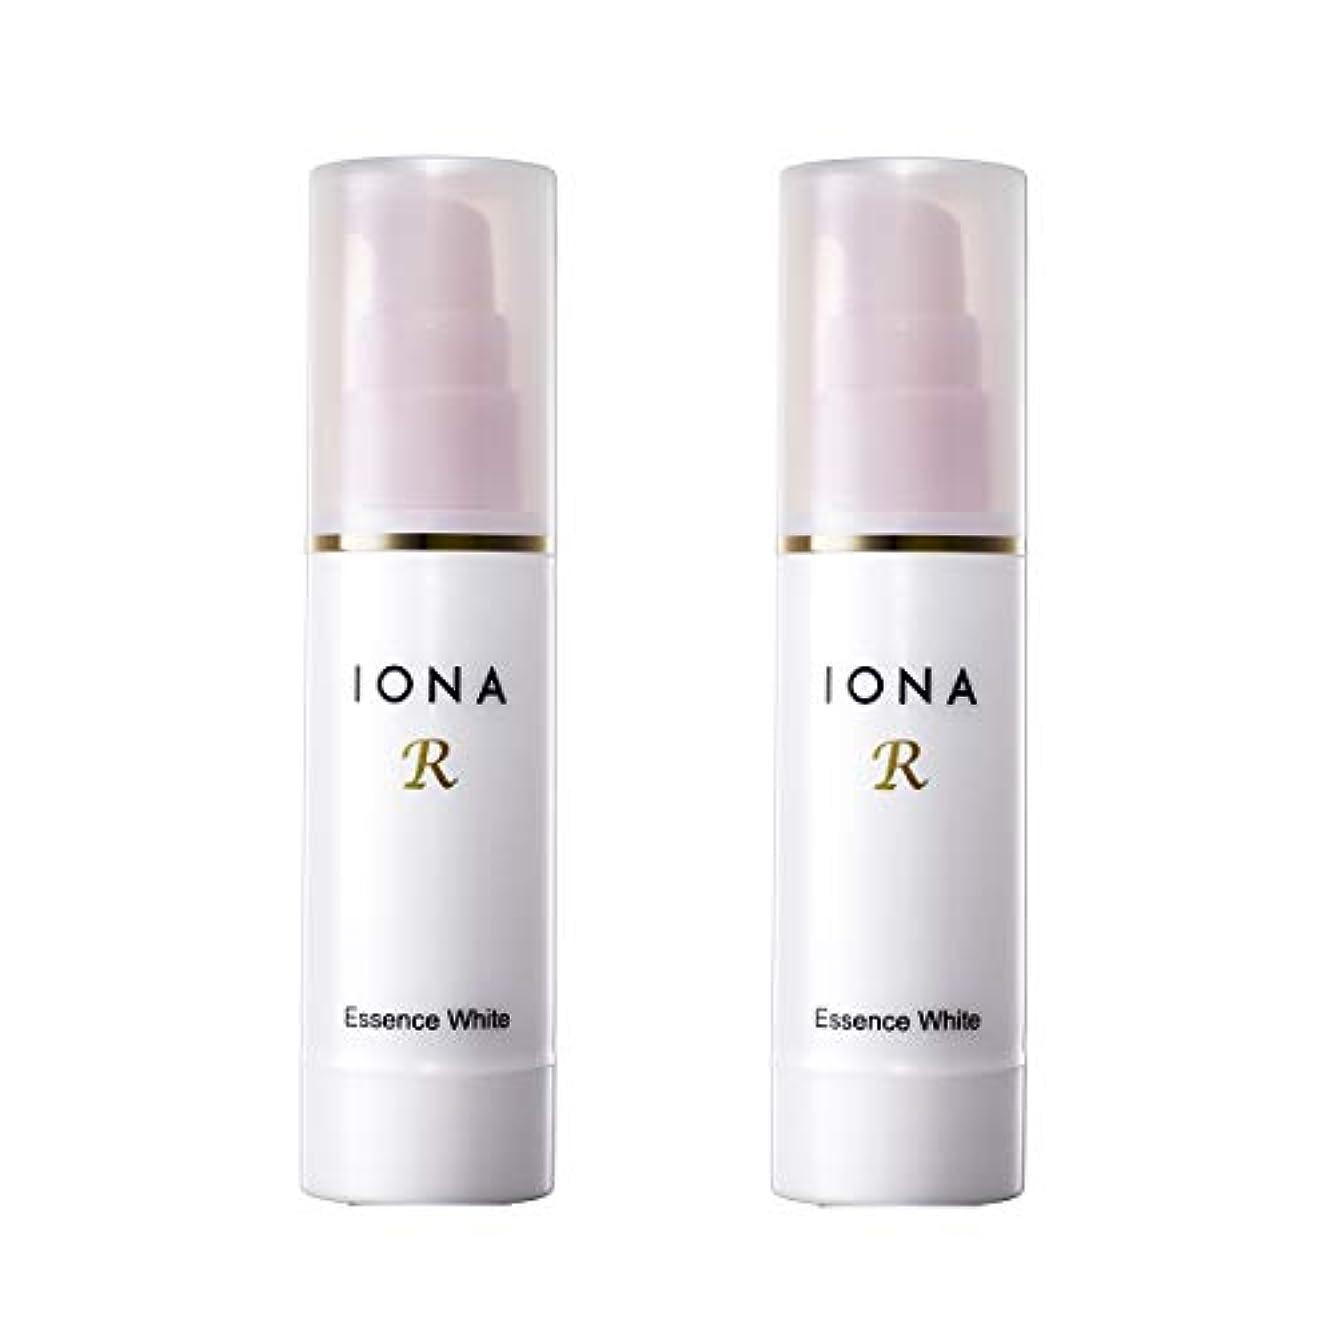 毎回お誕生日熱イオナR エッセンスホワイト 美容液 2個セット 【通常価格より20%OFF】高機能ビタミンC配合美容液 IONA R イオナアール イオナのビタミンC